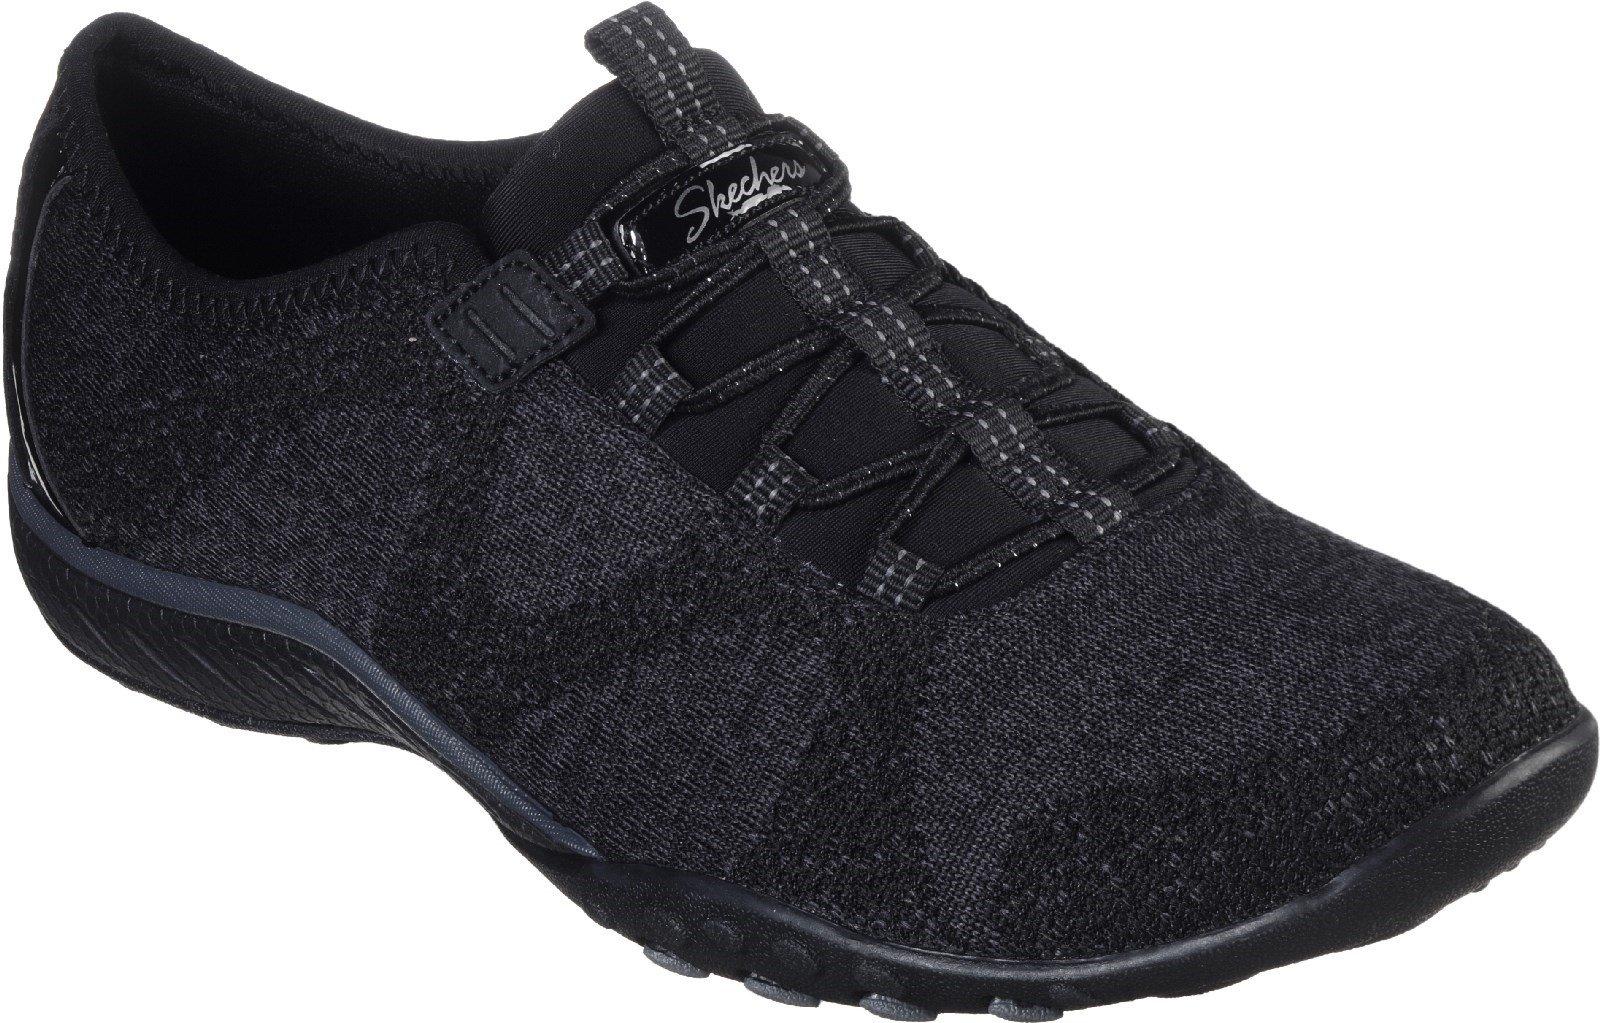 Skechers Women's Breathe-Easy Slip On Shoe Various Colours 30326 - Black 3